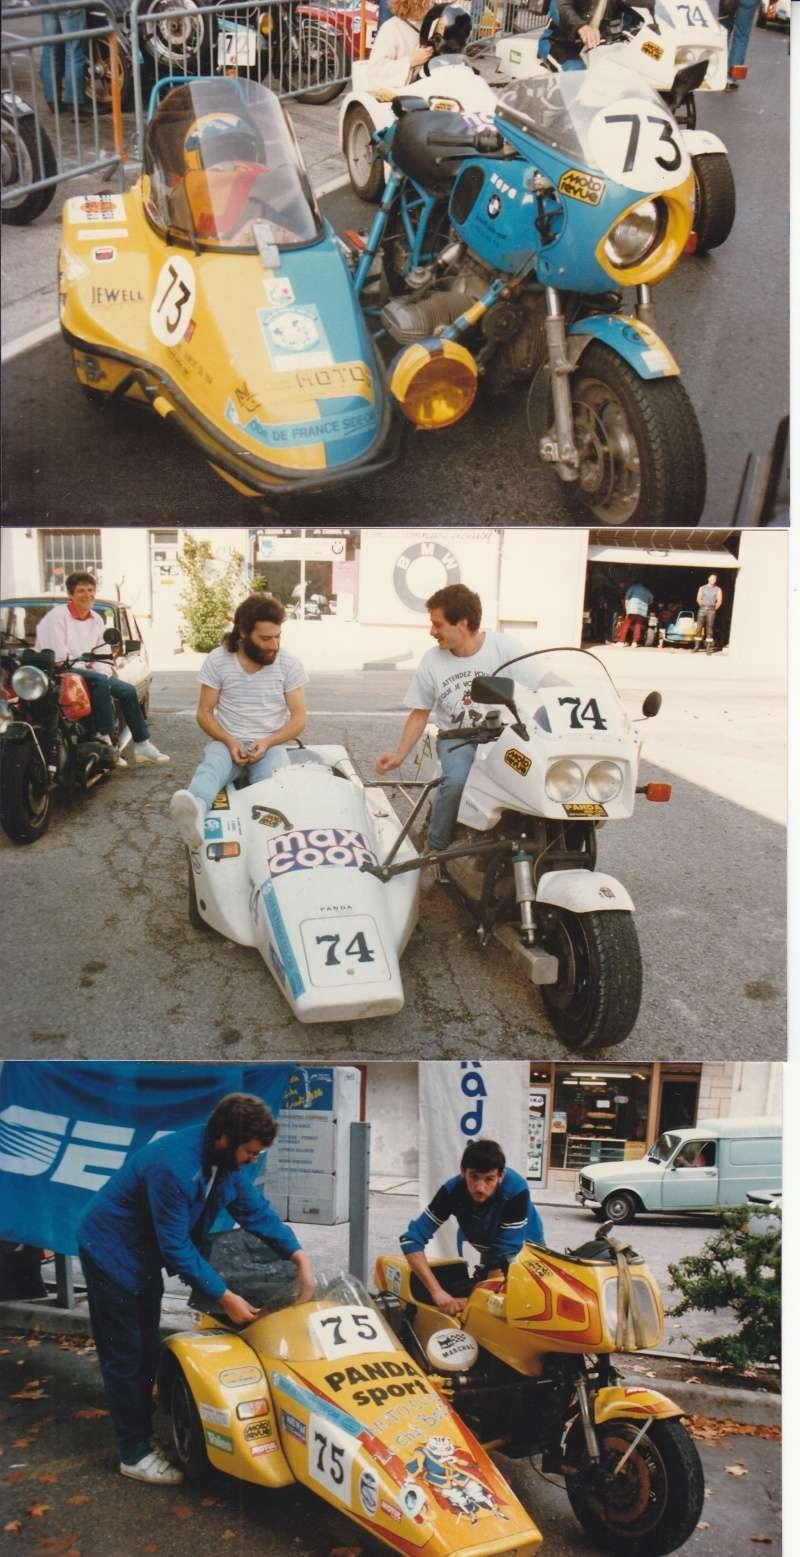 [Oldies] 1980 à 1988: Le Tour de France side-car, par Joël Enndewell  - Page 11 Sans_t38